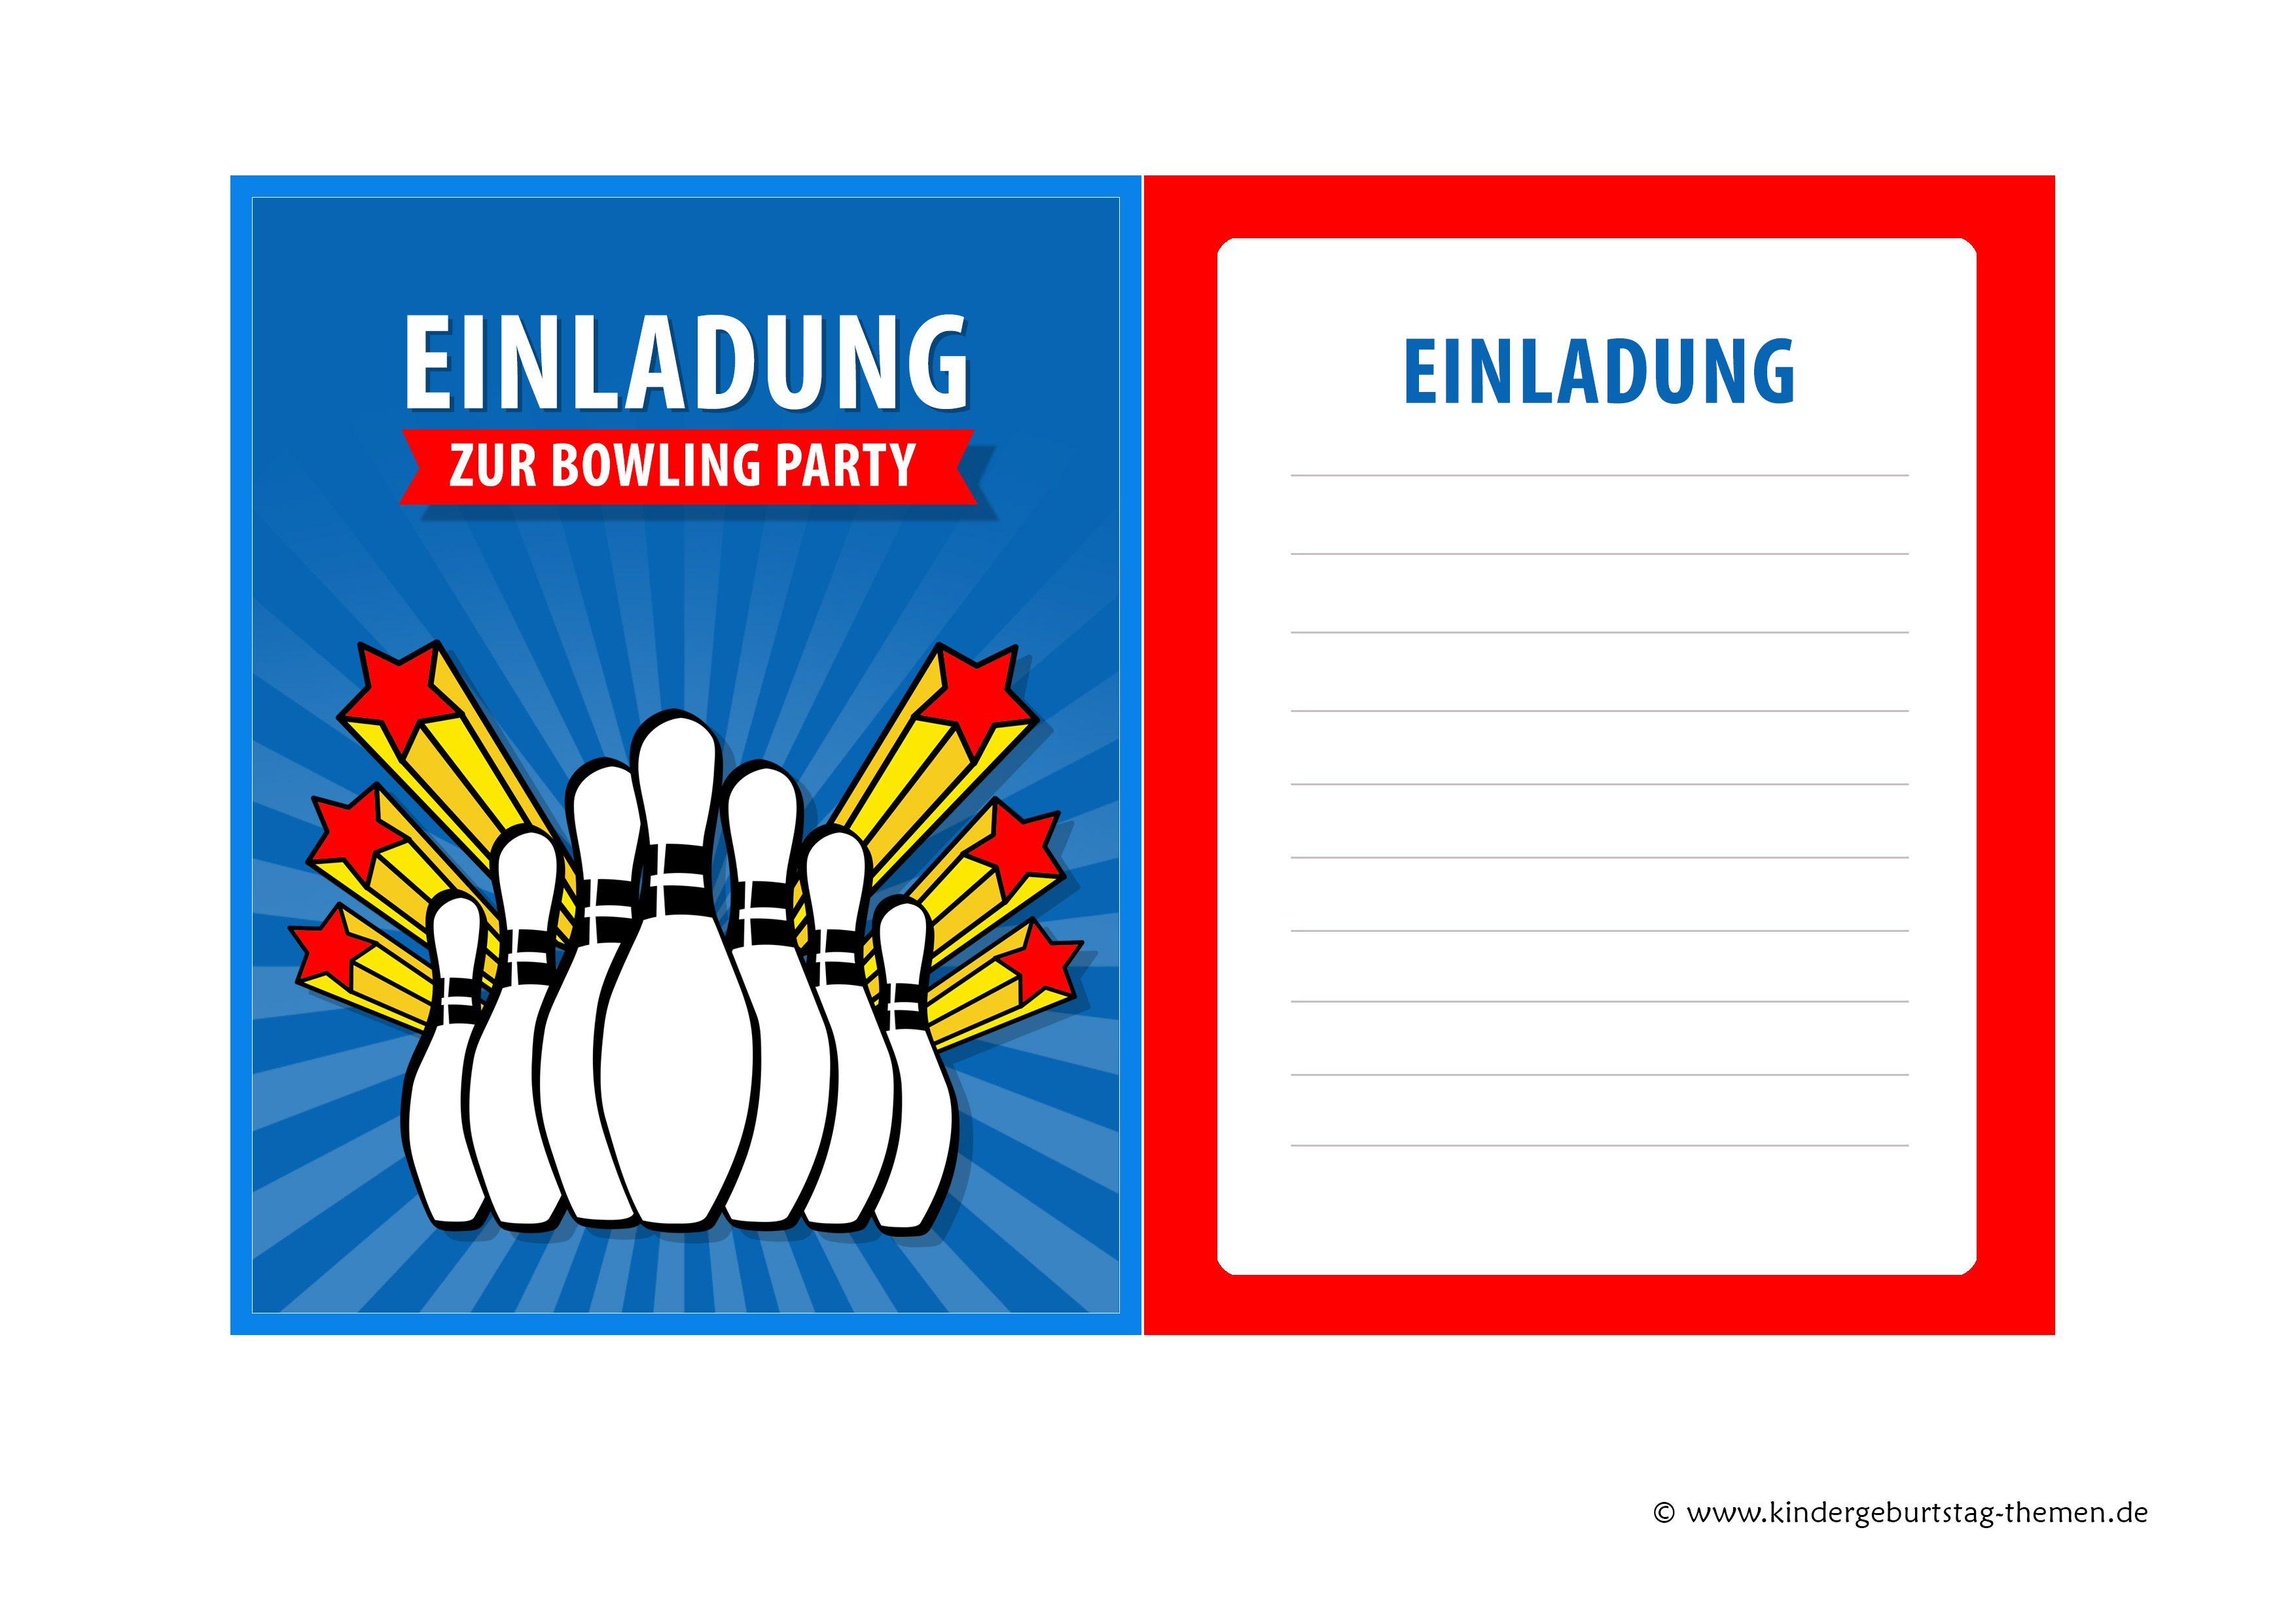 Einladung Kindergeburtstag Bowling (Kegeln): Kostenlose Vorlagen Der  Einladungskarten Zum Ausdrucken | Kindergeburtstag | Pinterest |  Einladungskarten Zum ...